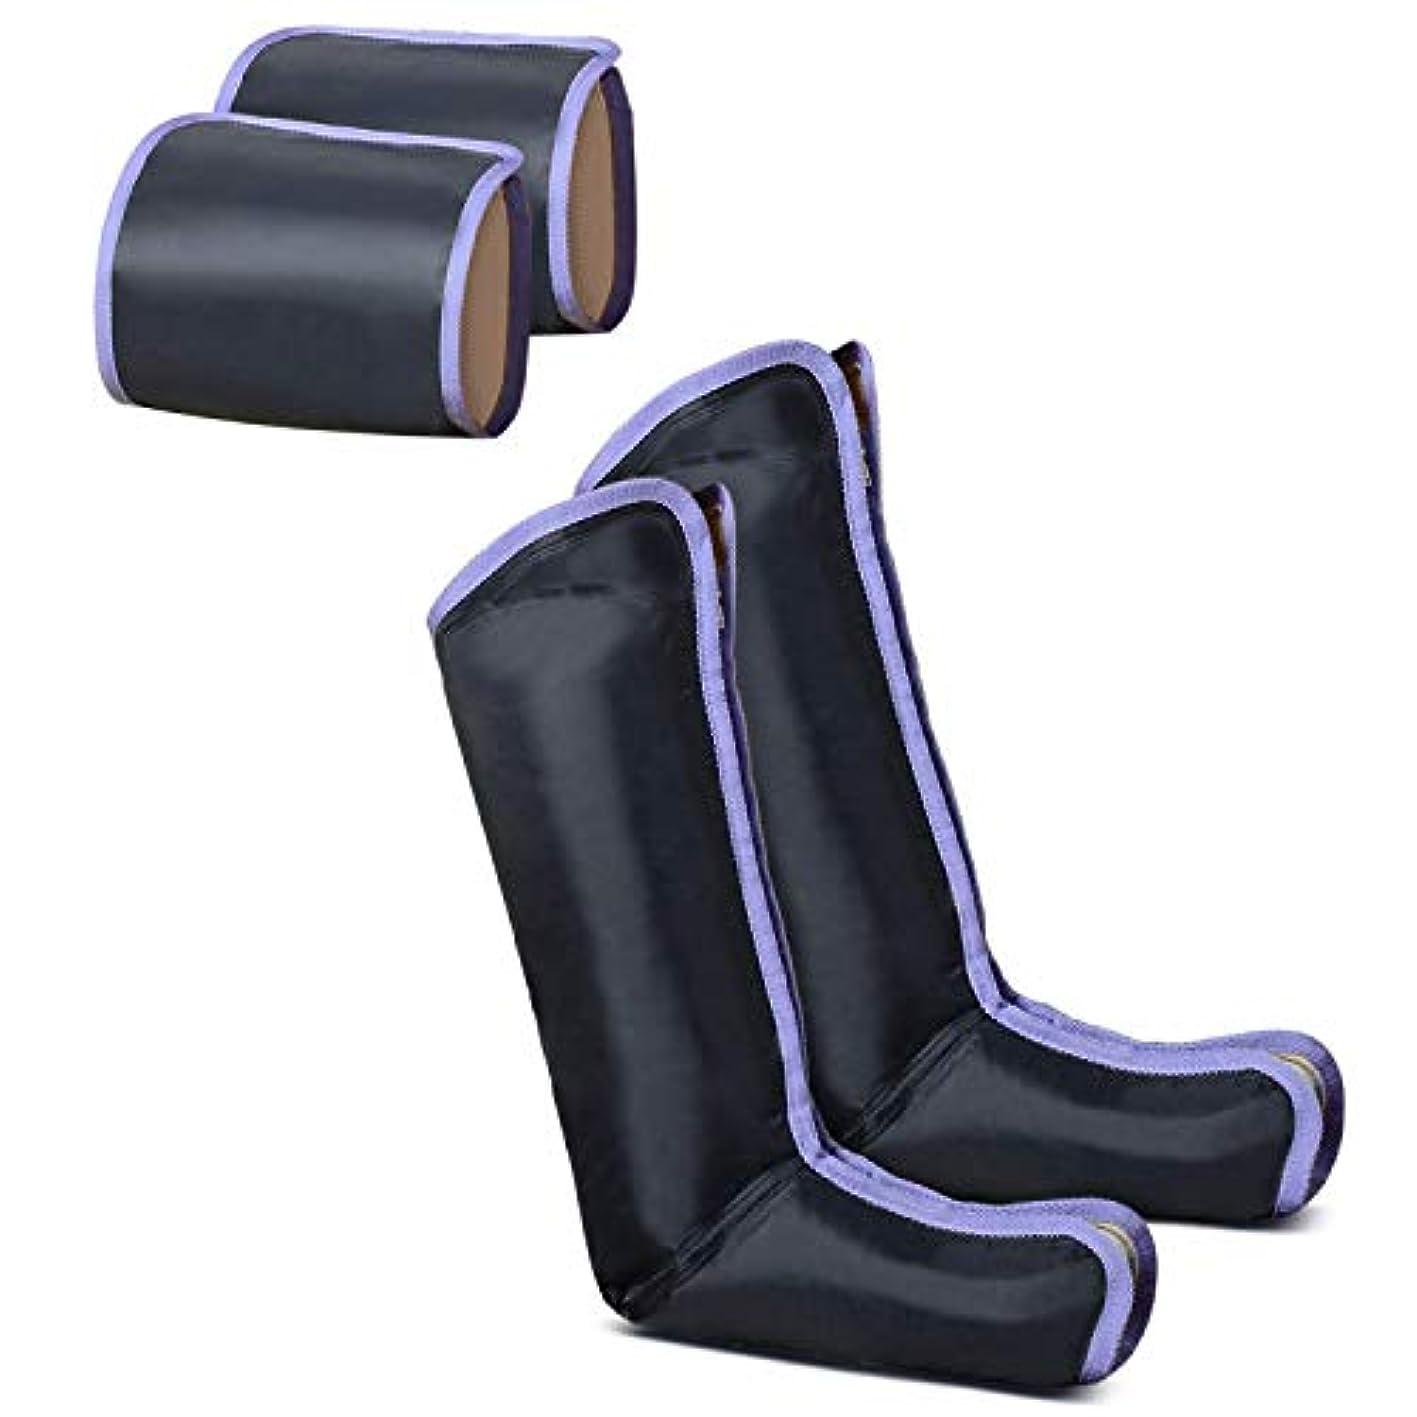 FITIC  エアーマッサージャー レッグリフレ ひざ/太もも巻き対応 空気圧縮 温感機能搭載  一年保証